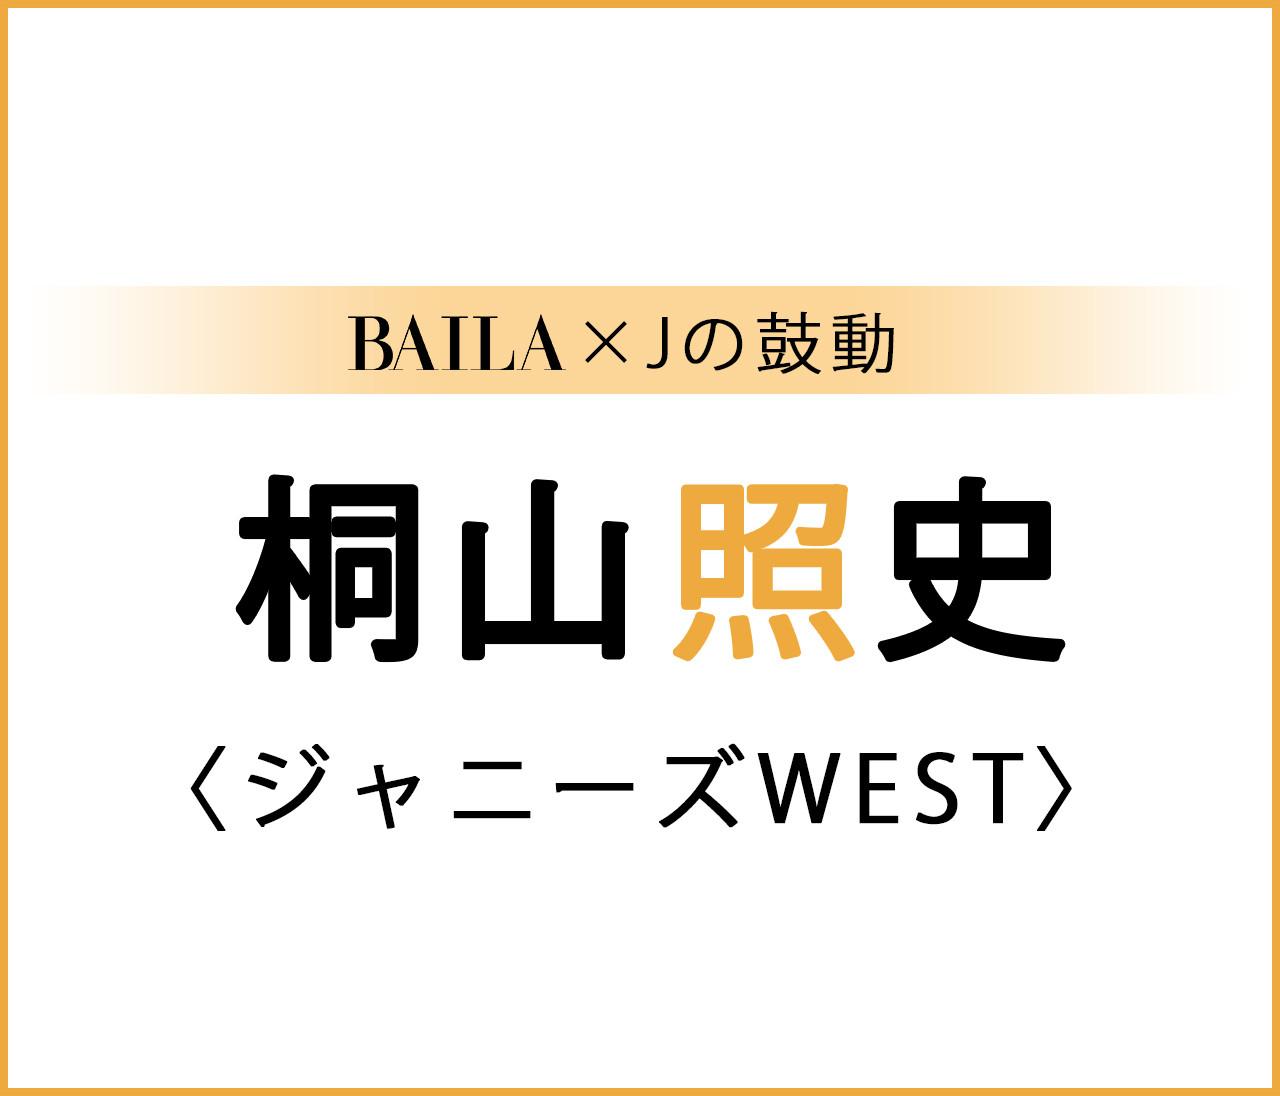 【 #ジャニーズWEST #桐山照史 】桐山照史スペシャルインタビュー!【BAILA × Jの鼓動】